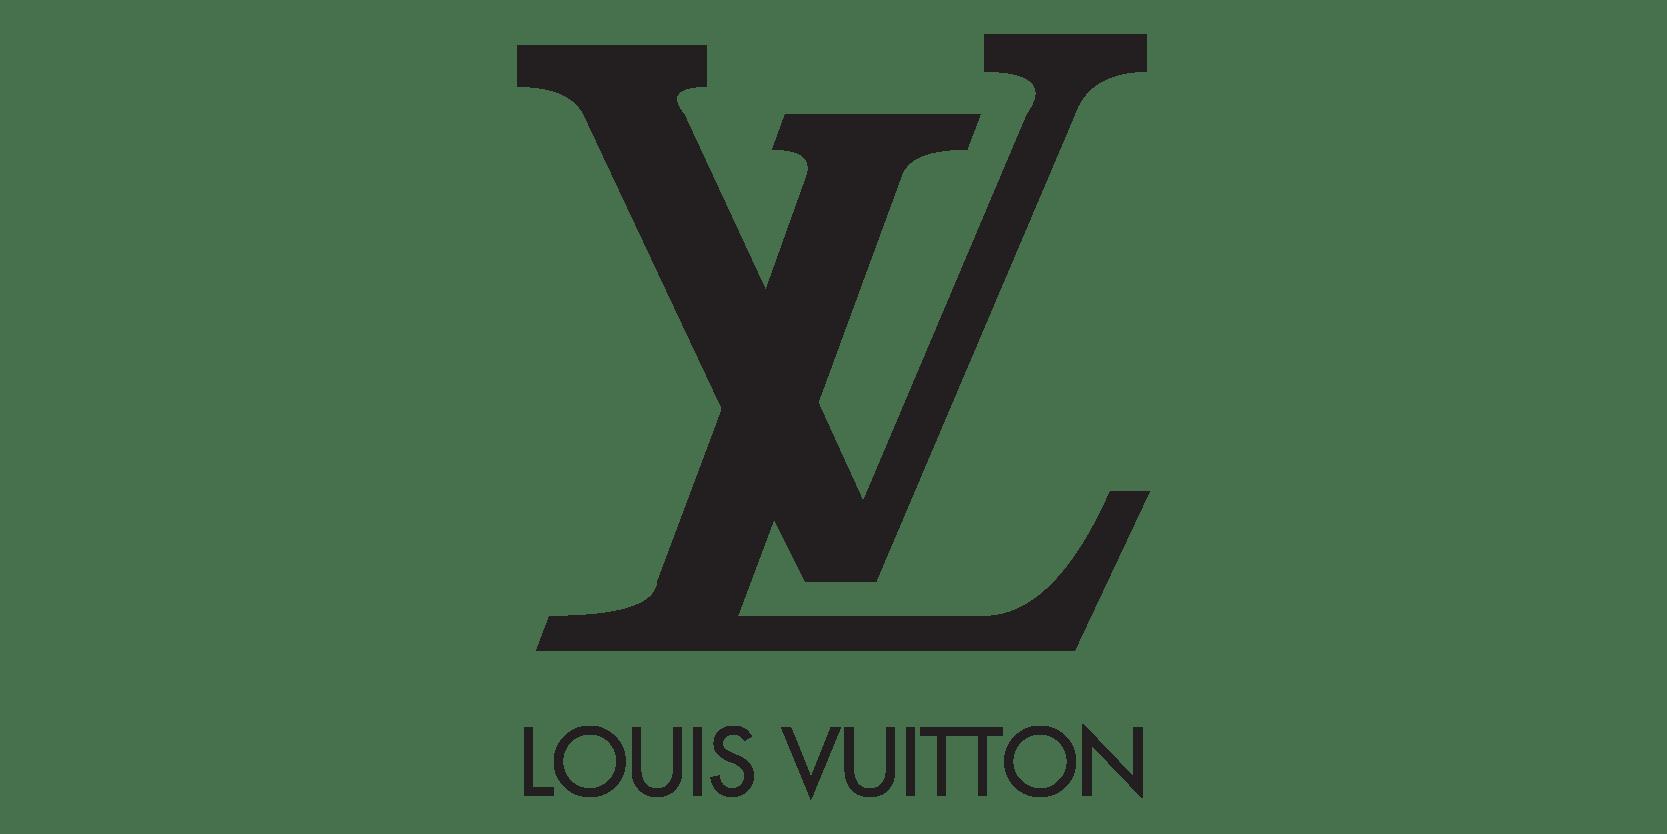 Louis Vuitton logo transparent